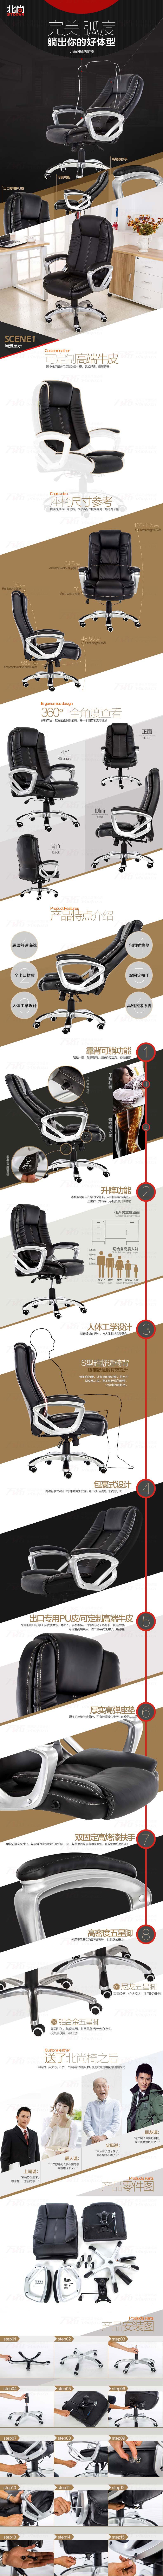 北尚可躺椅2